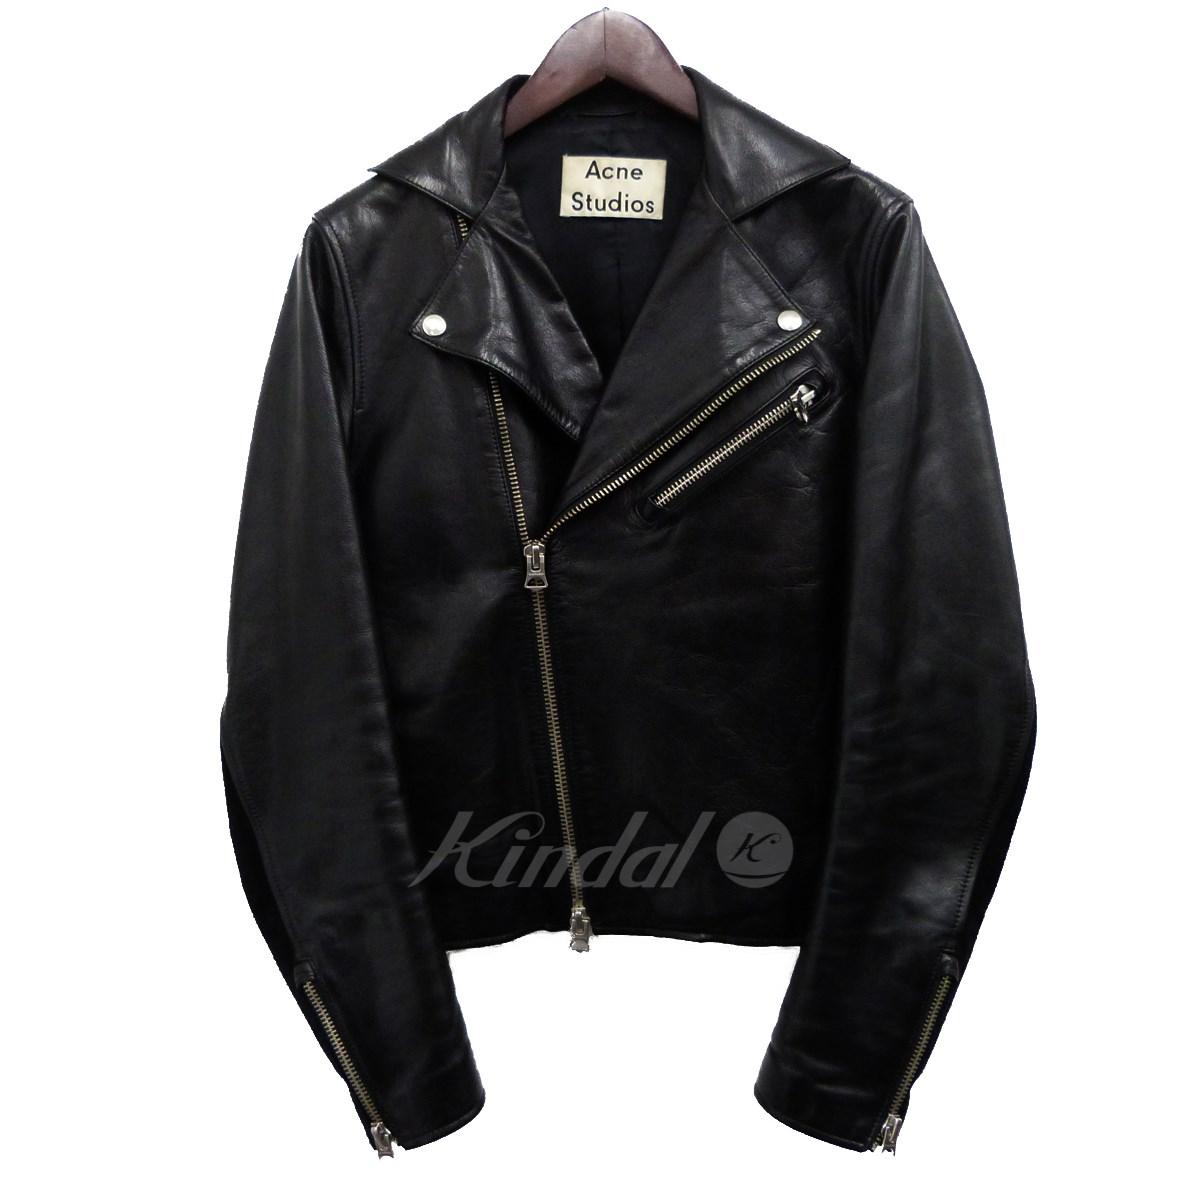 【中古】ACNE STUDIOS 15SS「GINSON」レザーライダースジャケット ブラック サイズ:44 【送料無料】 【220319】(アクネストゥディオズ)